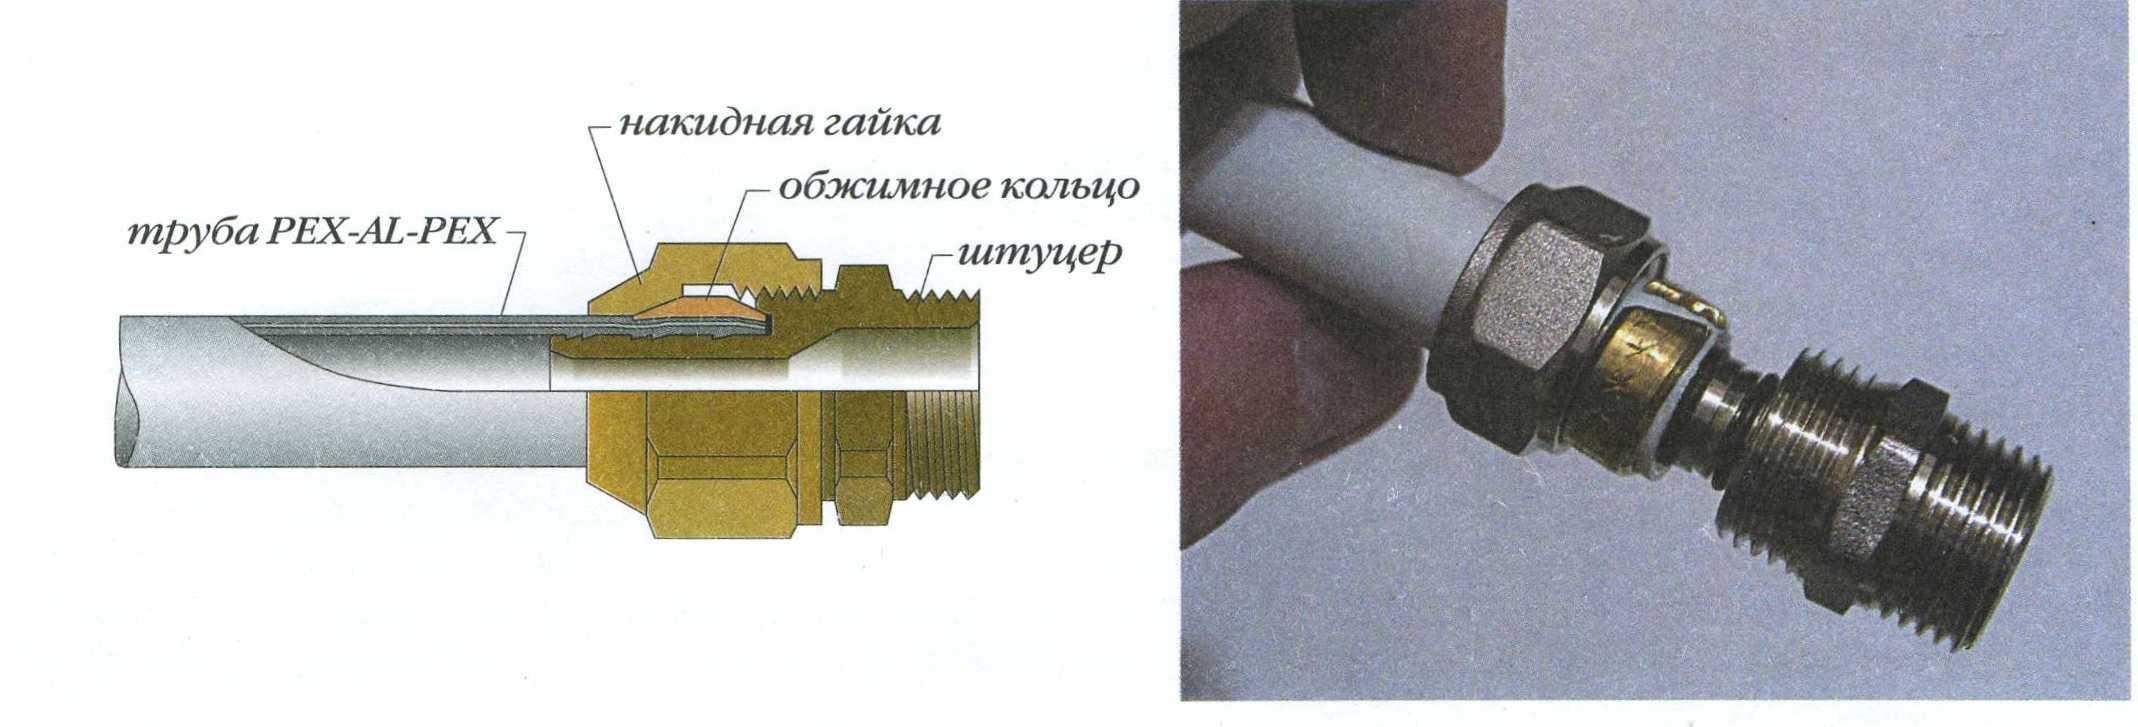 Схема строения фитинга